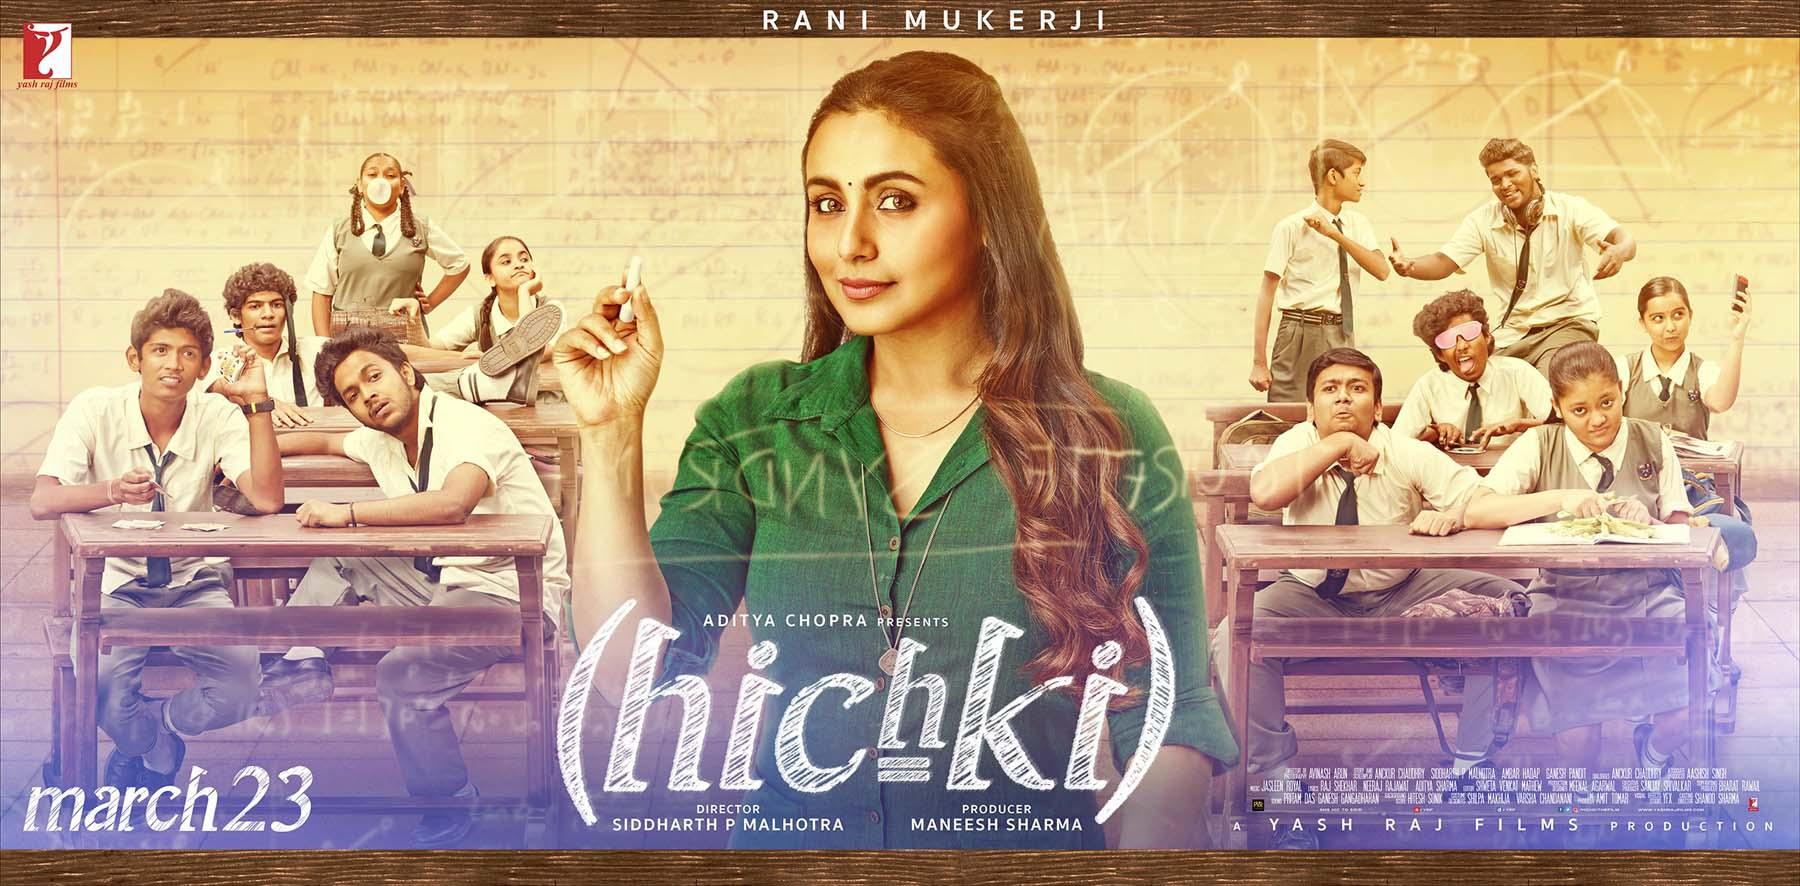 Hıçkırık Hint filmi Türkçe dublaj full tek parça izle   Hıçkırık Hint filmi konusu ne, oyuncuları kim?